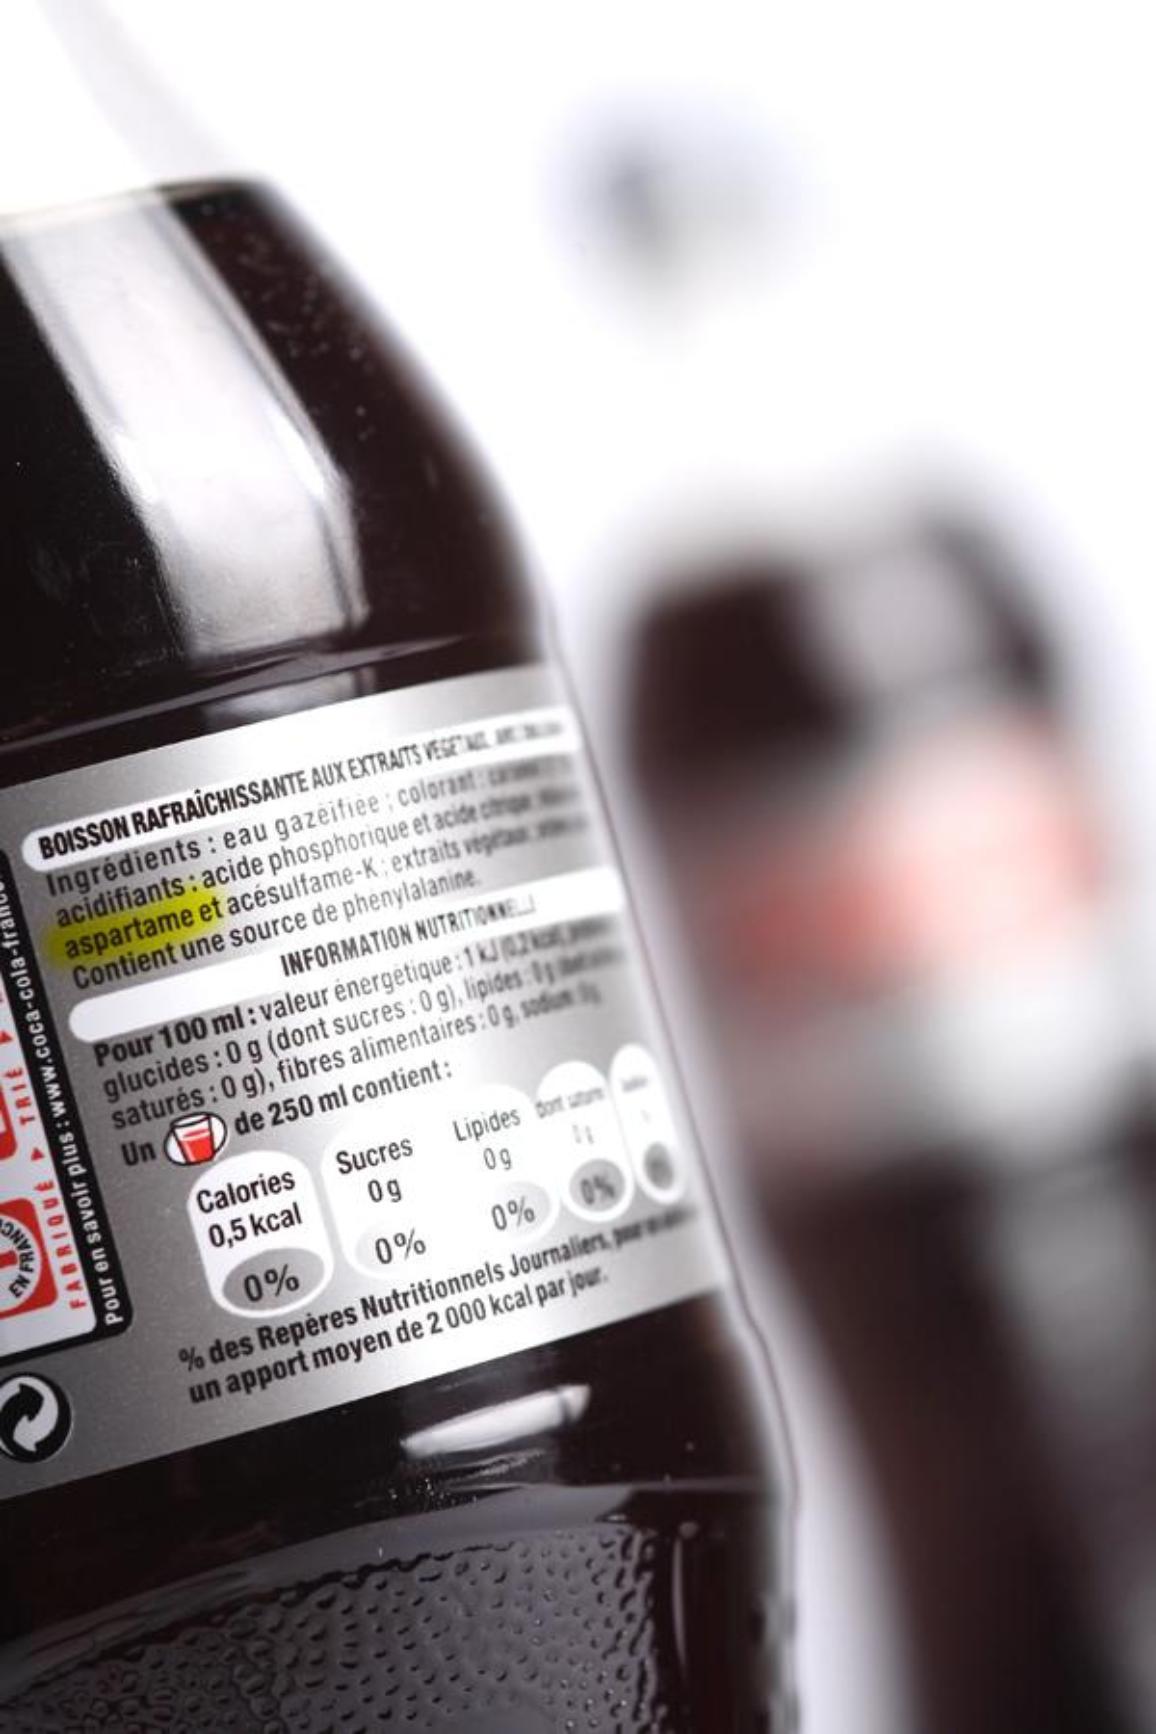 Etiquette sur une bouteille de Coca-Cola. ©BELGA/Belpress